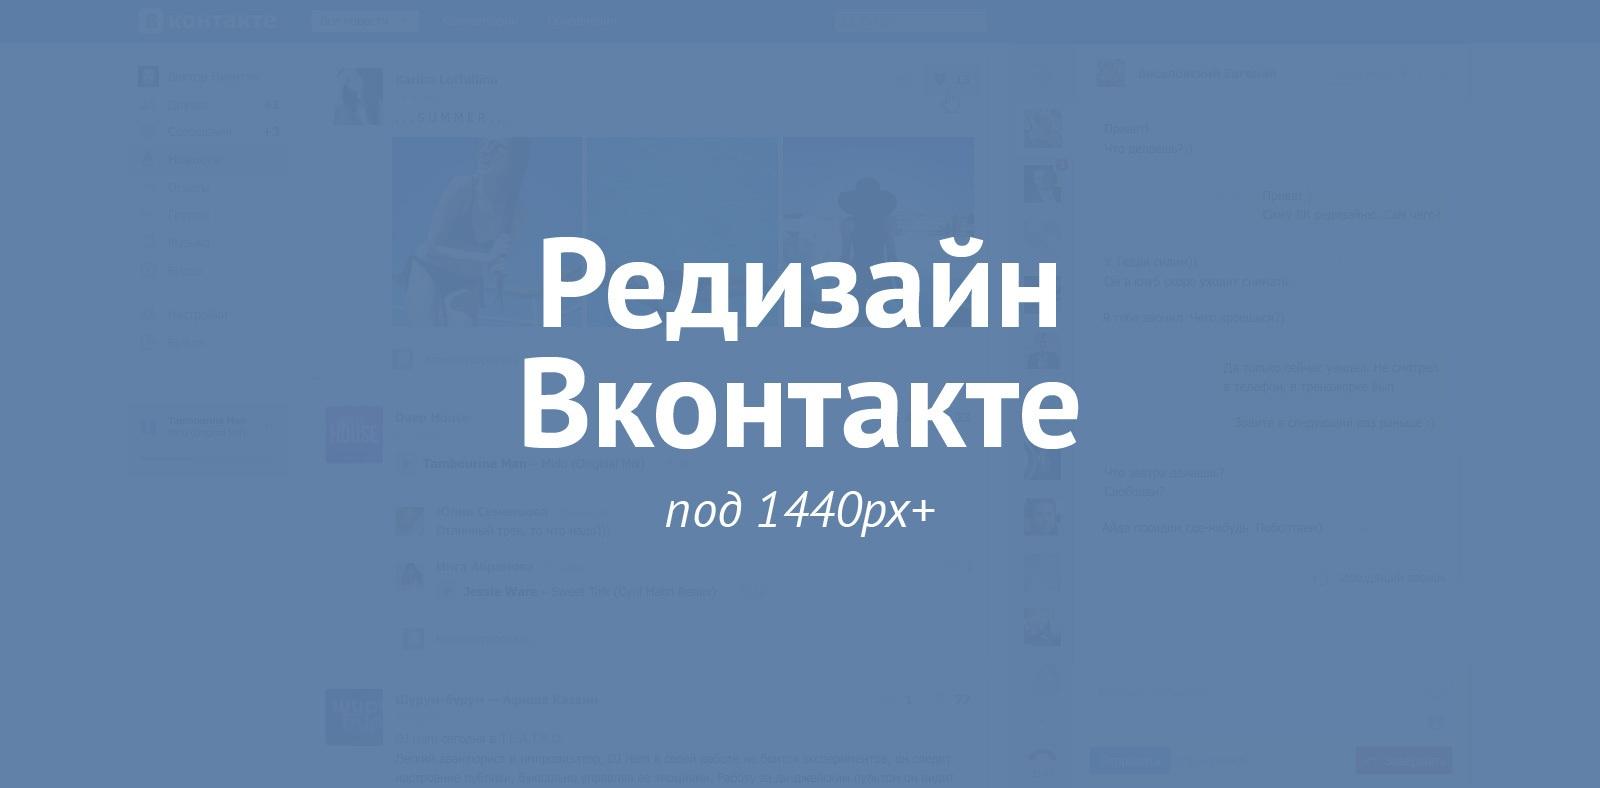 Редизайн Вконтакте под 1440пк+ - 1